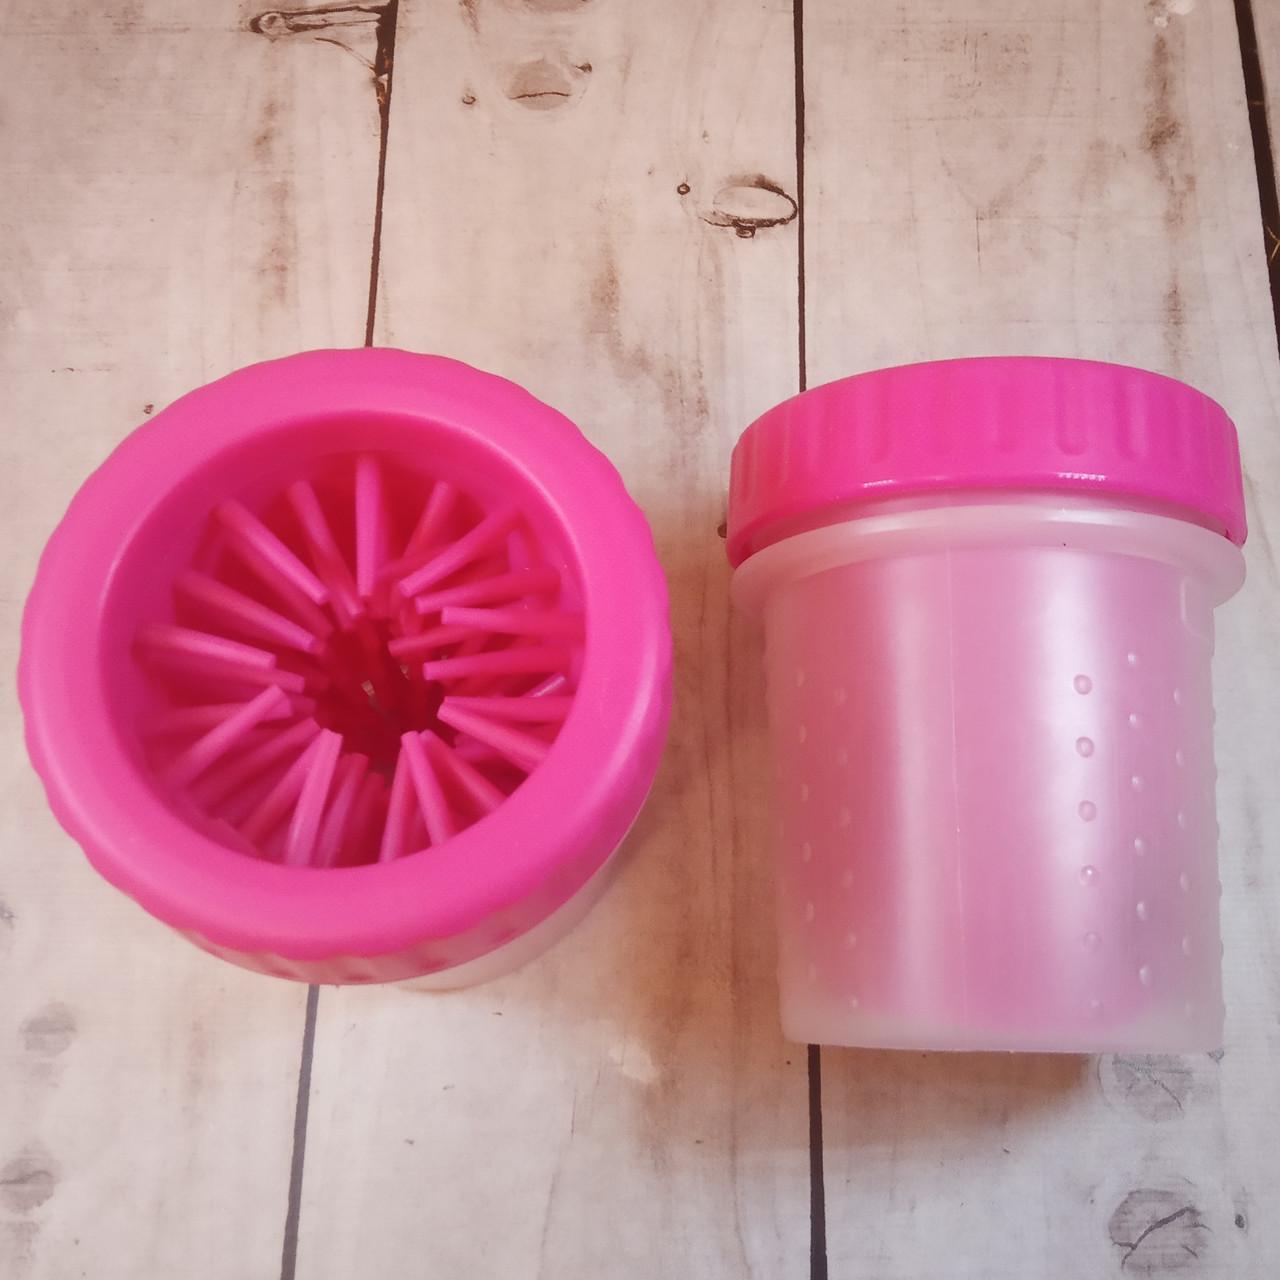 Лапомойка для собак емкость-стакан для мытья лап животных (Для маленьких собак) Розовый